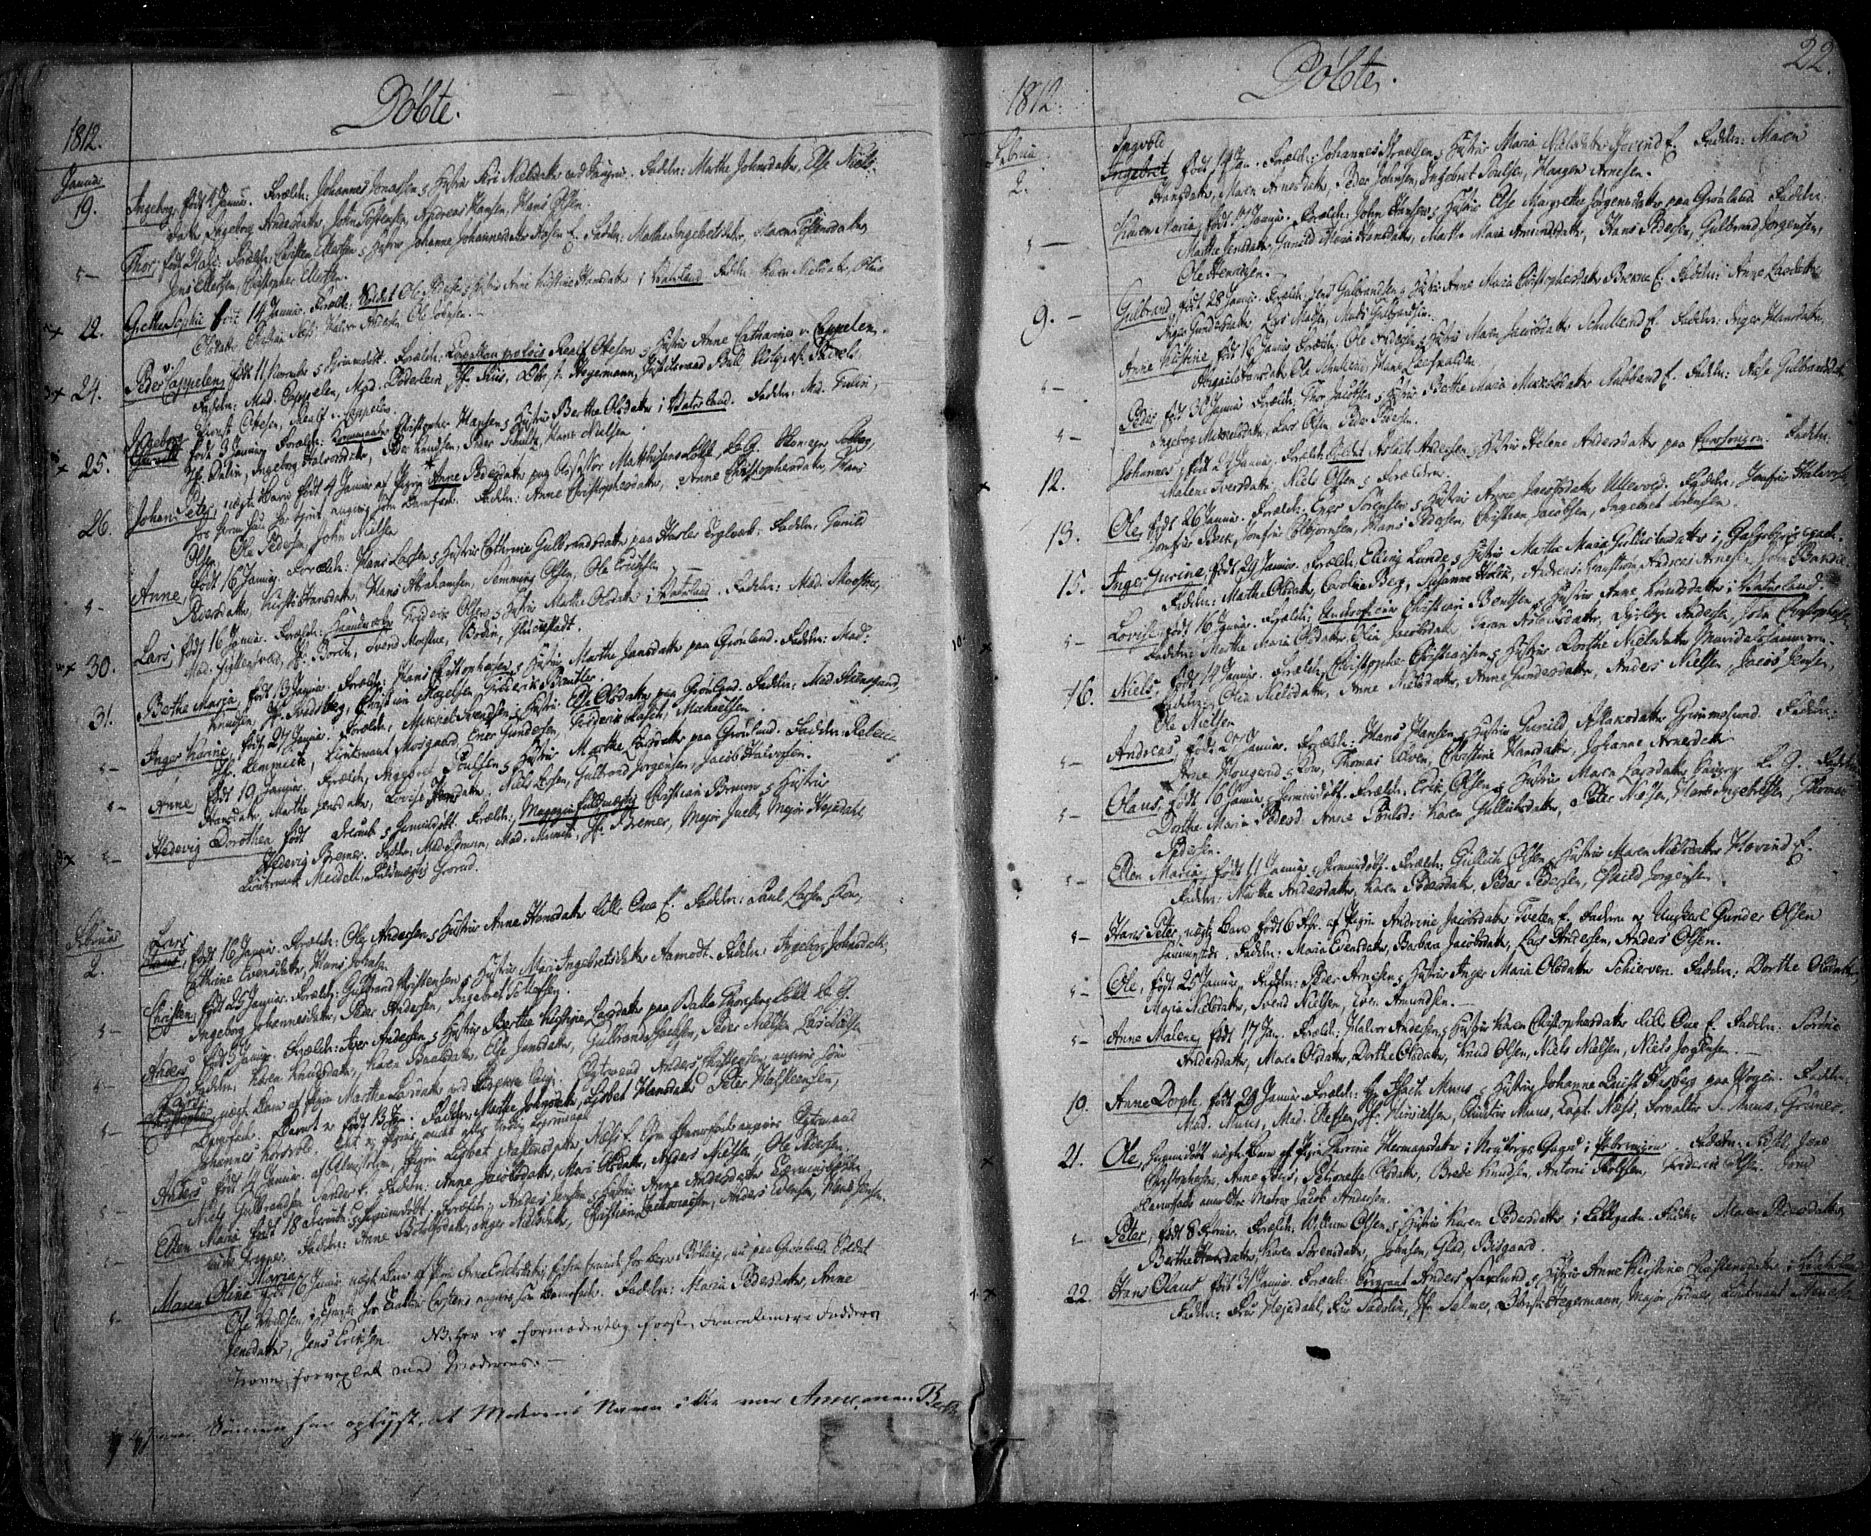 SAO, Aker prestekontor kirkebøker, F/L0011: Ministerialbok nr. 11, 1810-1819, s. 22